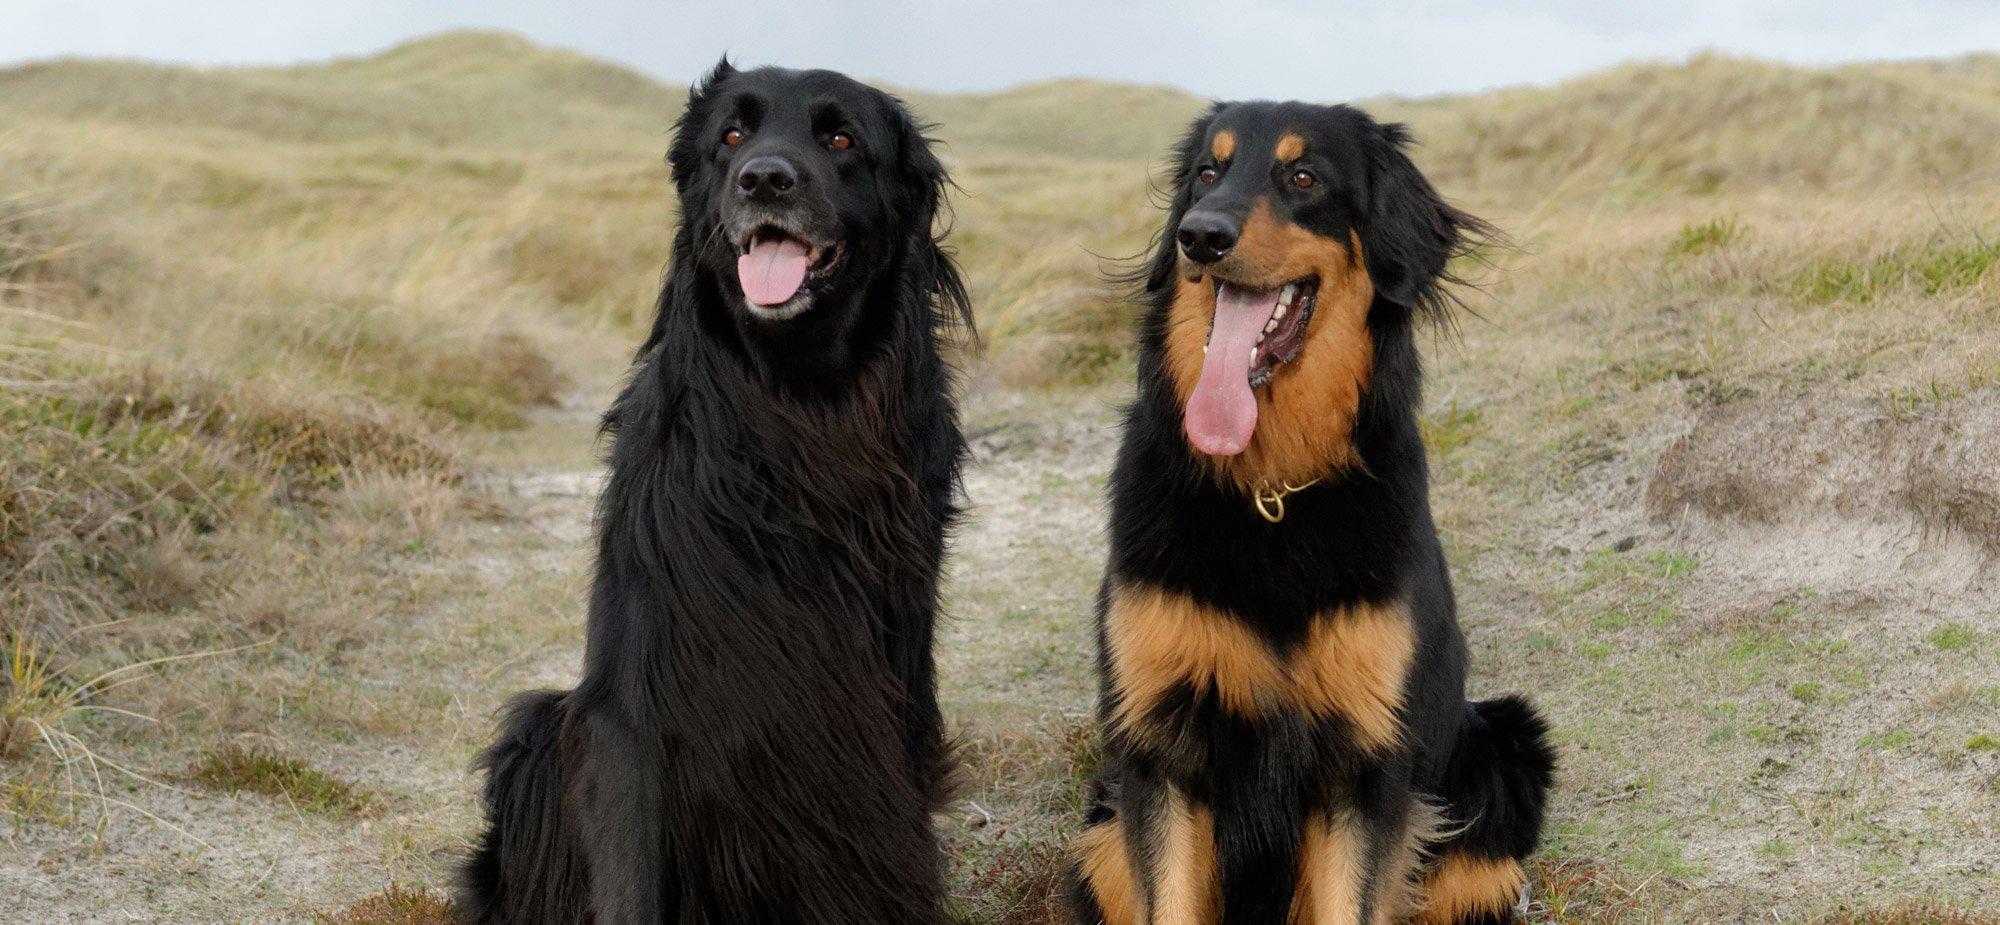 Razas de Perros: perro Hovawart caracteristicas y cuidados